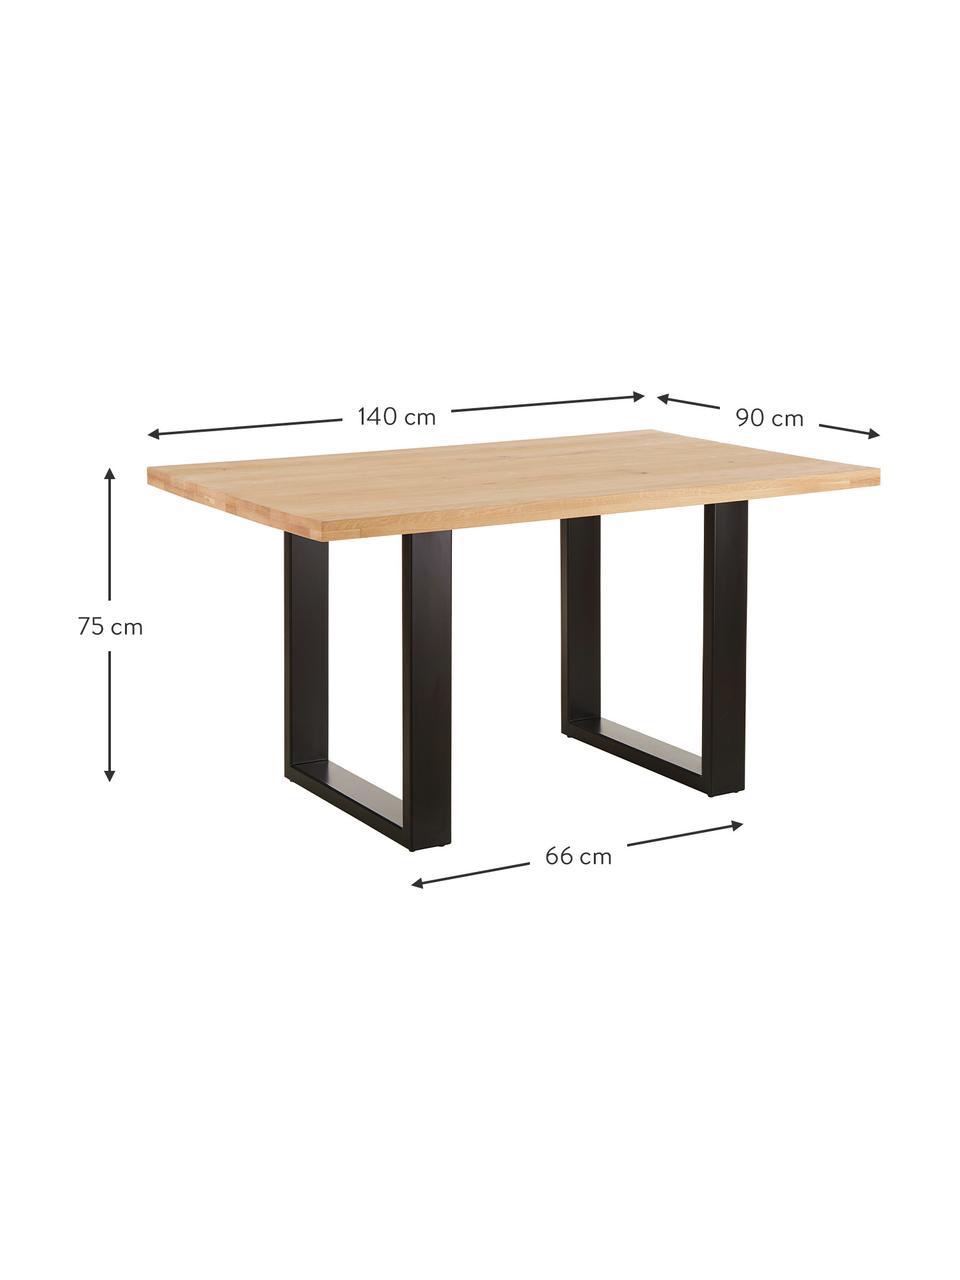 Jedálenský stôl s doskou z masívu Oliver, Divoký dub, čierna